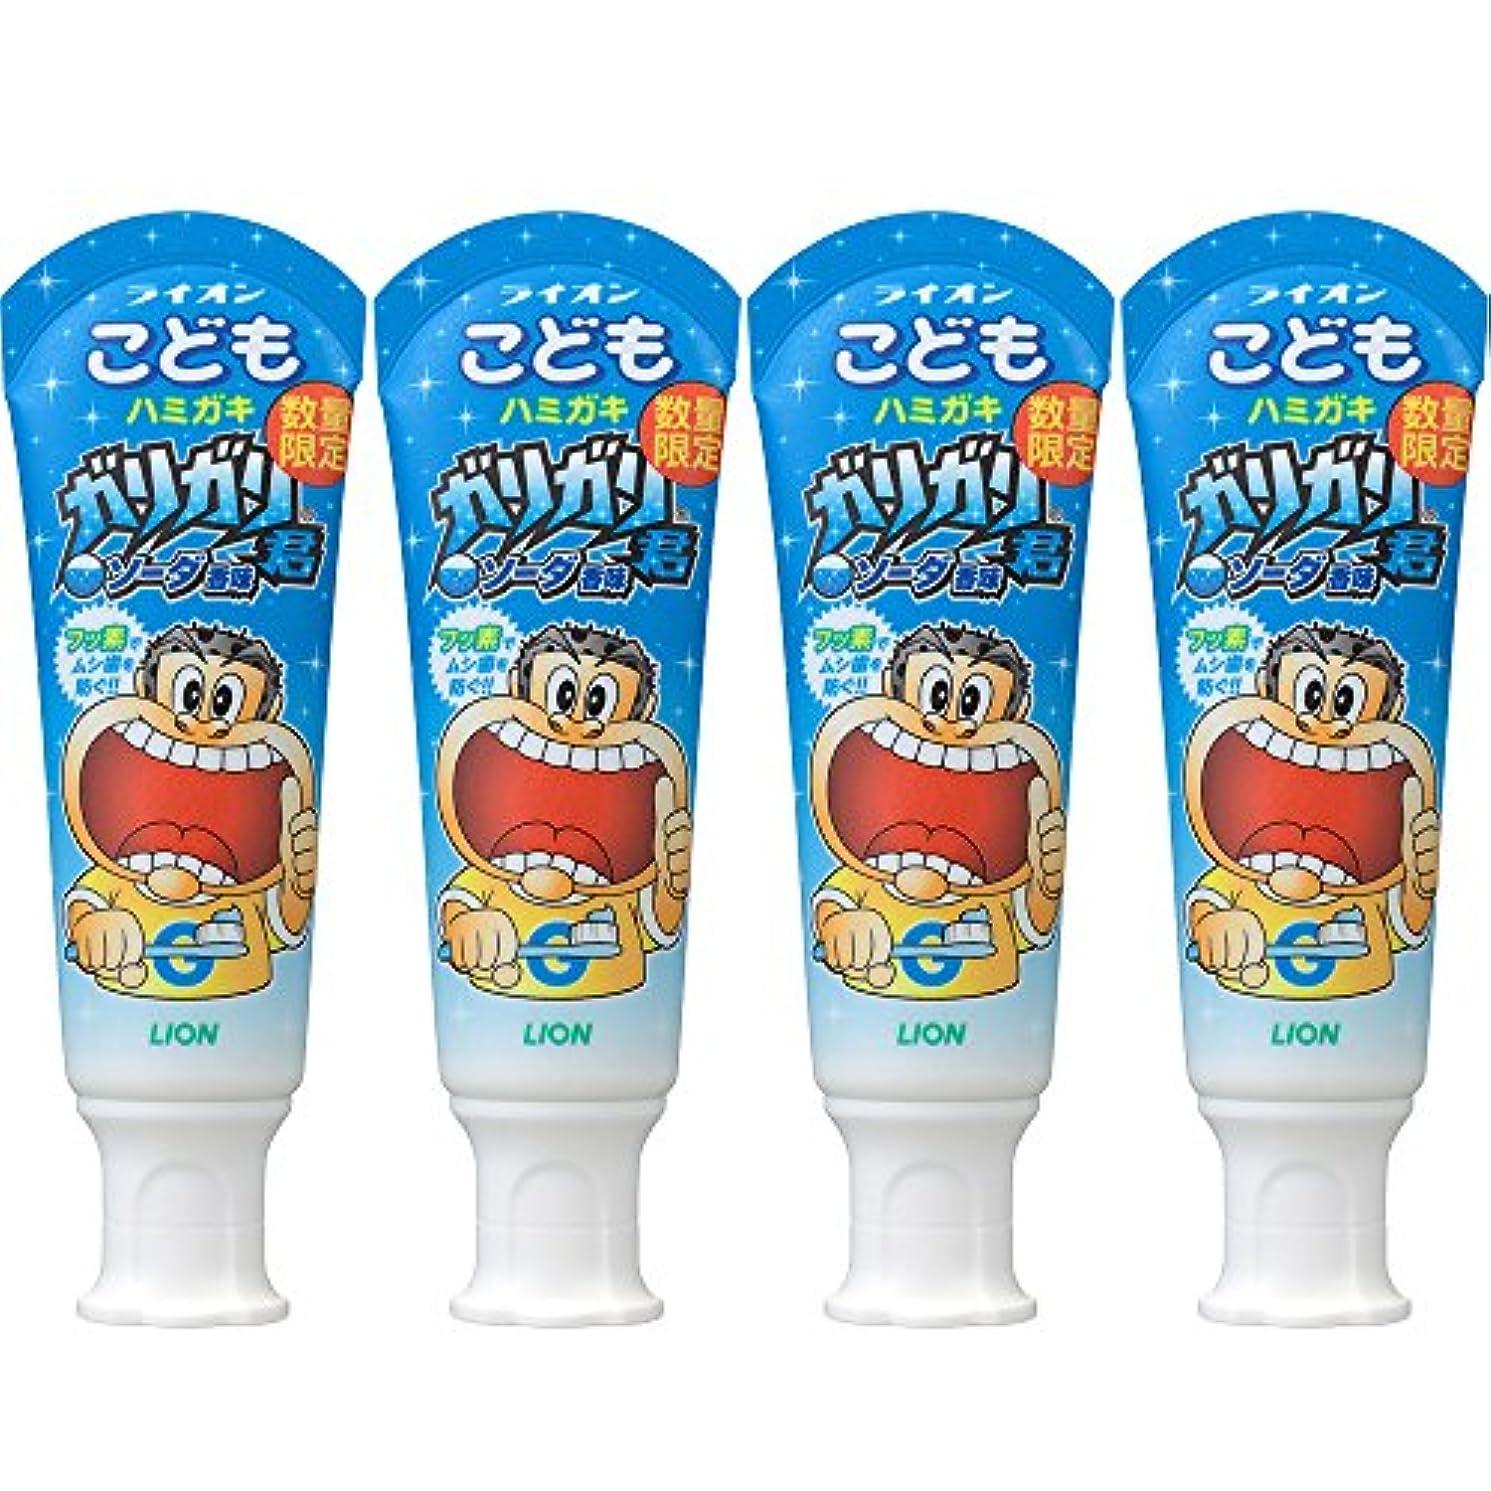 市場結紮クックライオンこどもハミガキ ガリガリくん ソーダ香味 40g 4個パック ※デザインは選べません